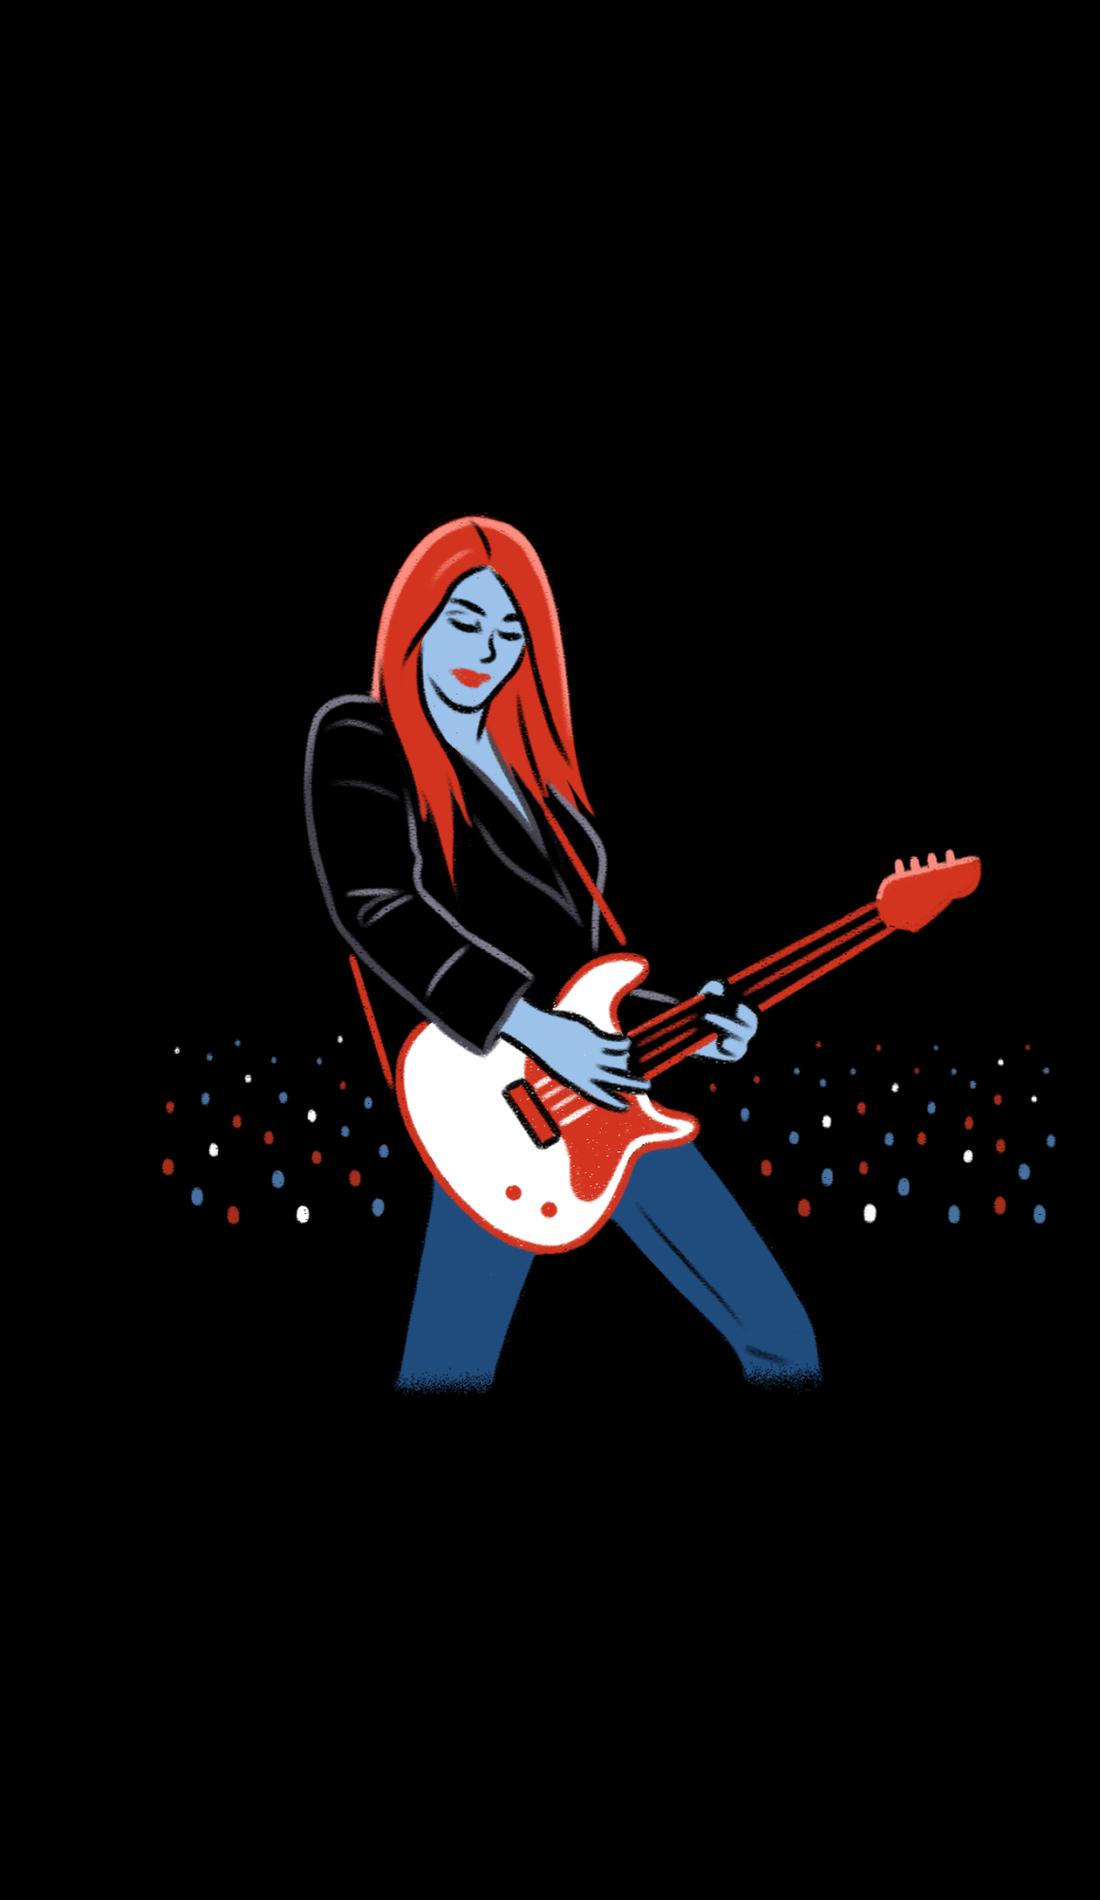 A DJ Esco live event